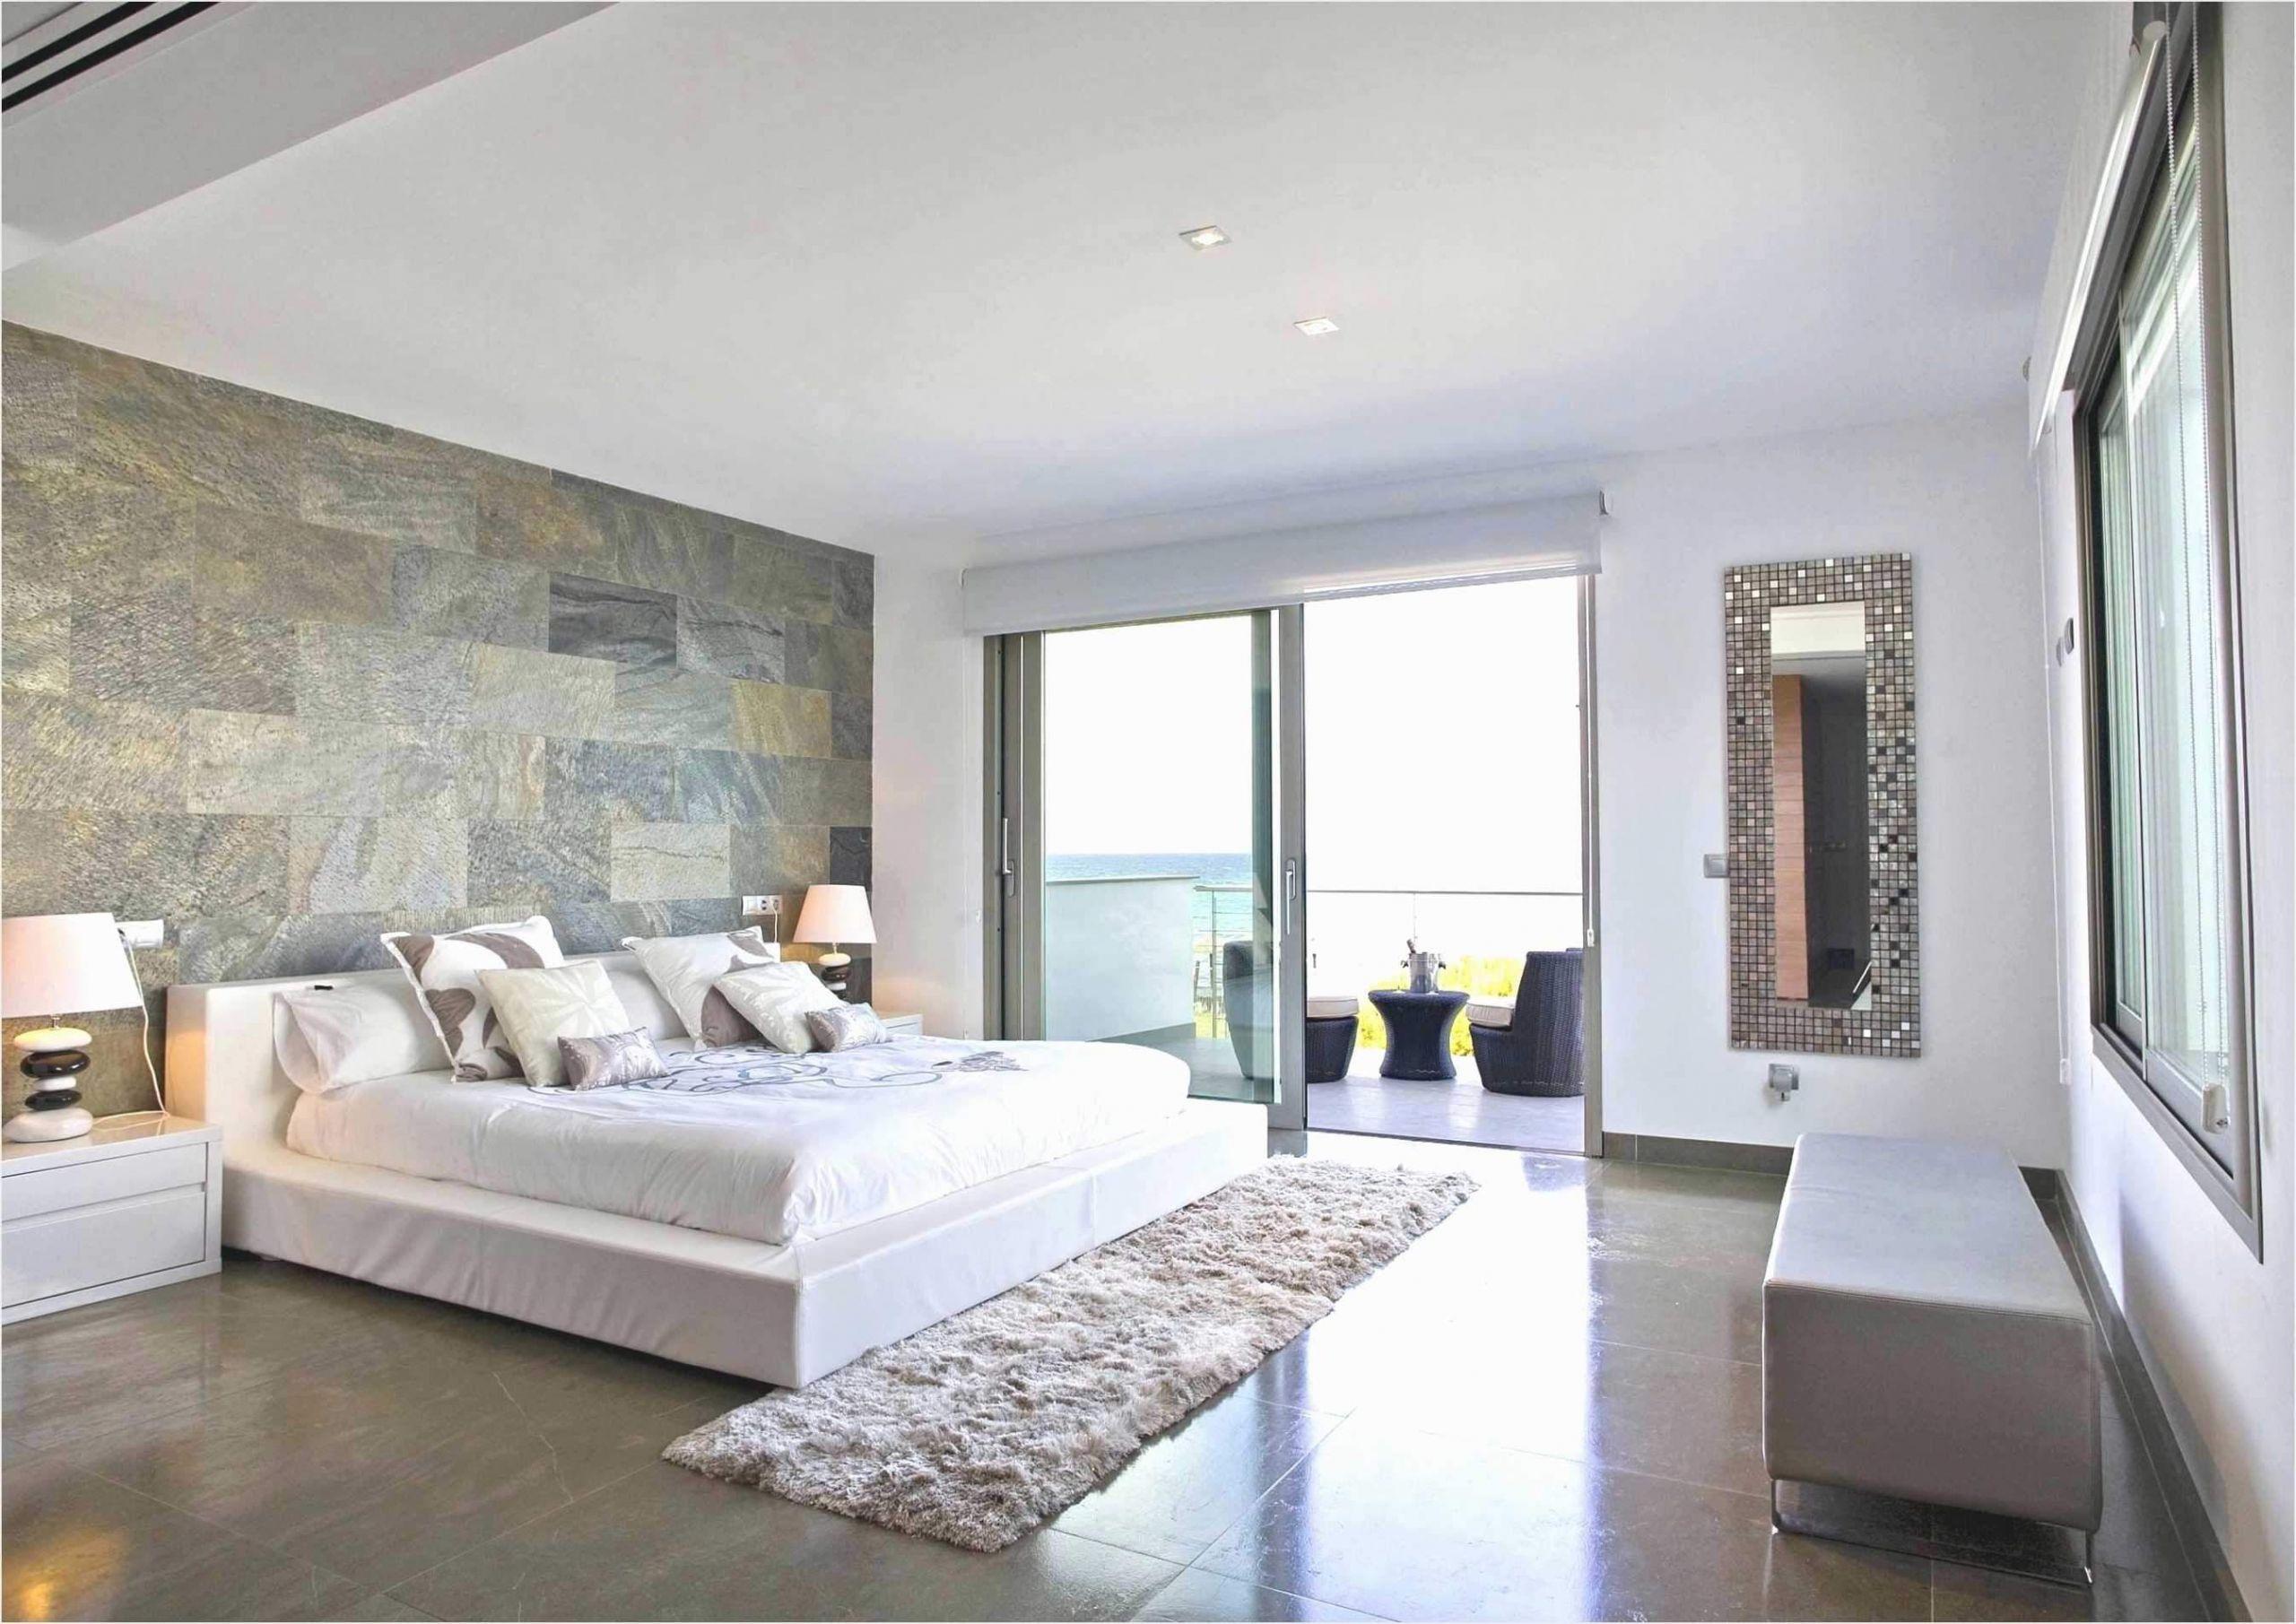 wohnzimmer deko online shop das beste von 15 wohnzimmer deko of wohnzimmer deko online shop